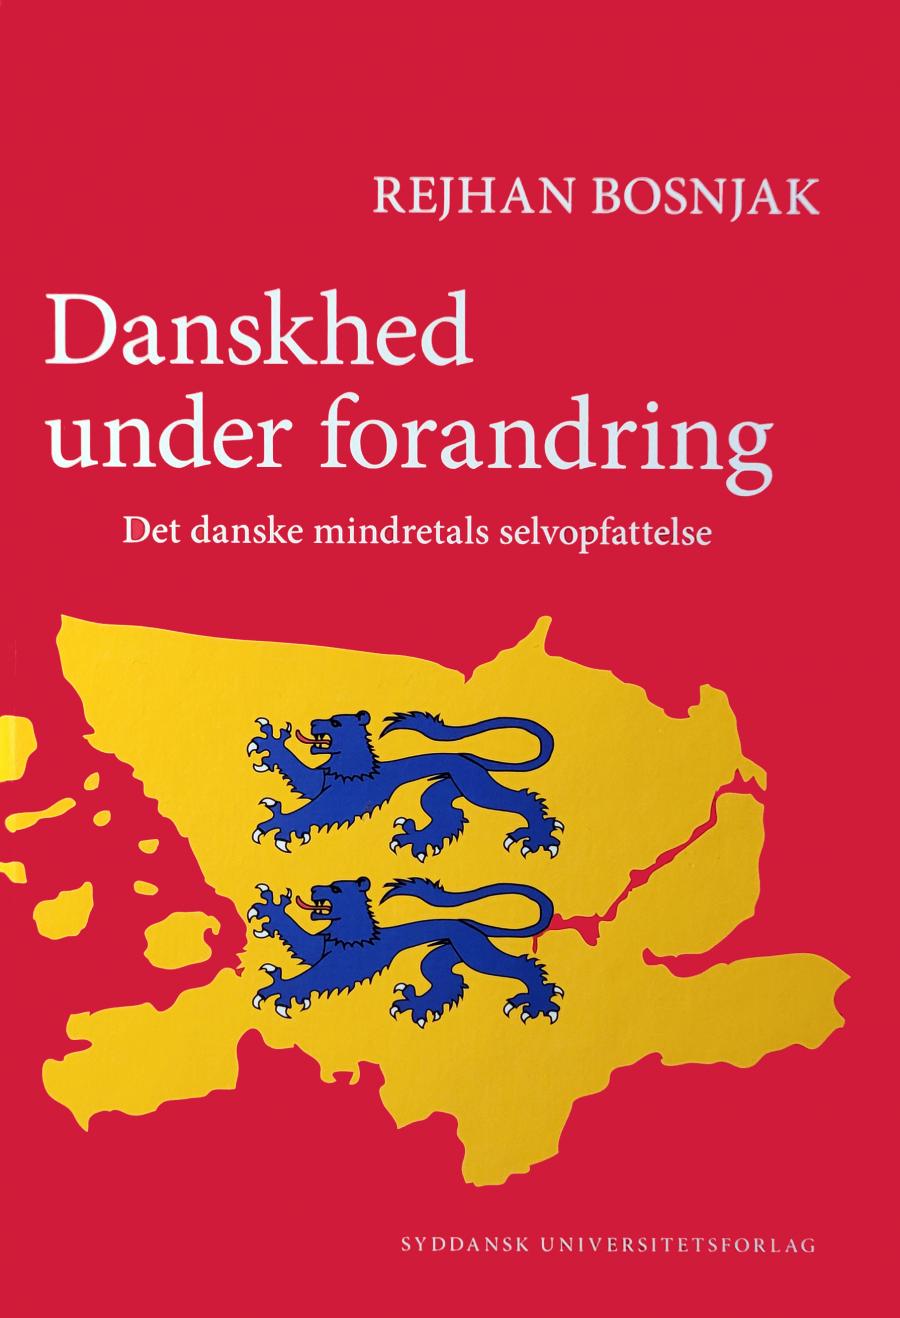 Danskhed under forandring